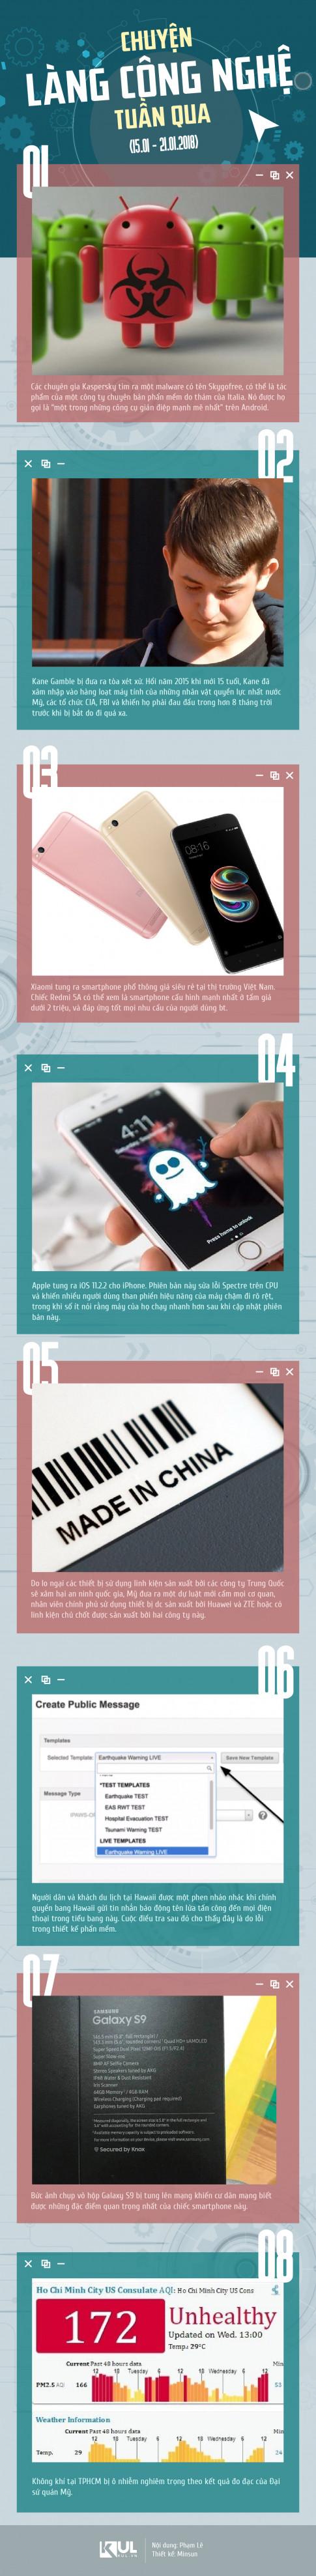 Infographic: Chuyện làng công nghệ tuần qua (15/1 - 21/1/2018)